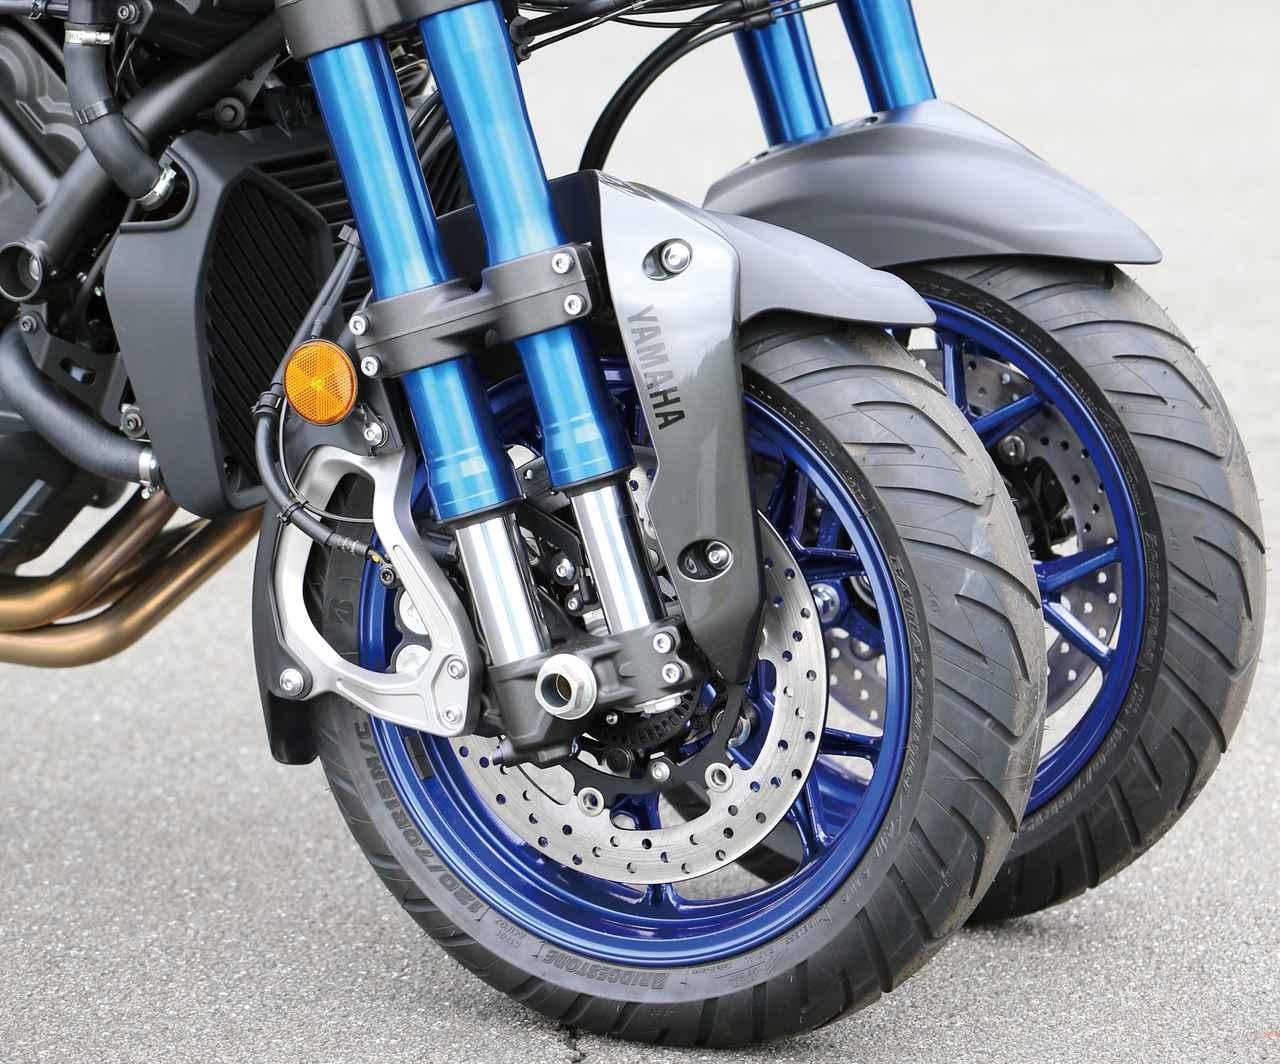 Images : 2番目の画像 - 「バイクの新機構「パラレログラムリンク」とは? トリシティやナイケンなどヤマハの前2輪モデルに採用される革新装備【現代バイク用語の基礎知識2020】」のアルバム - webオートバイ